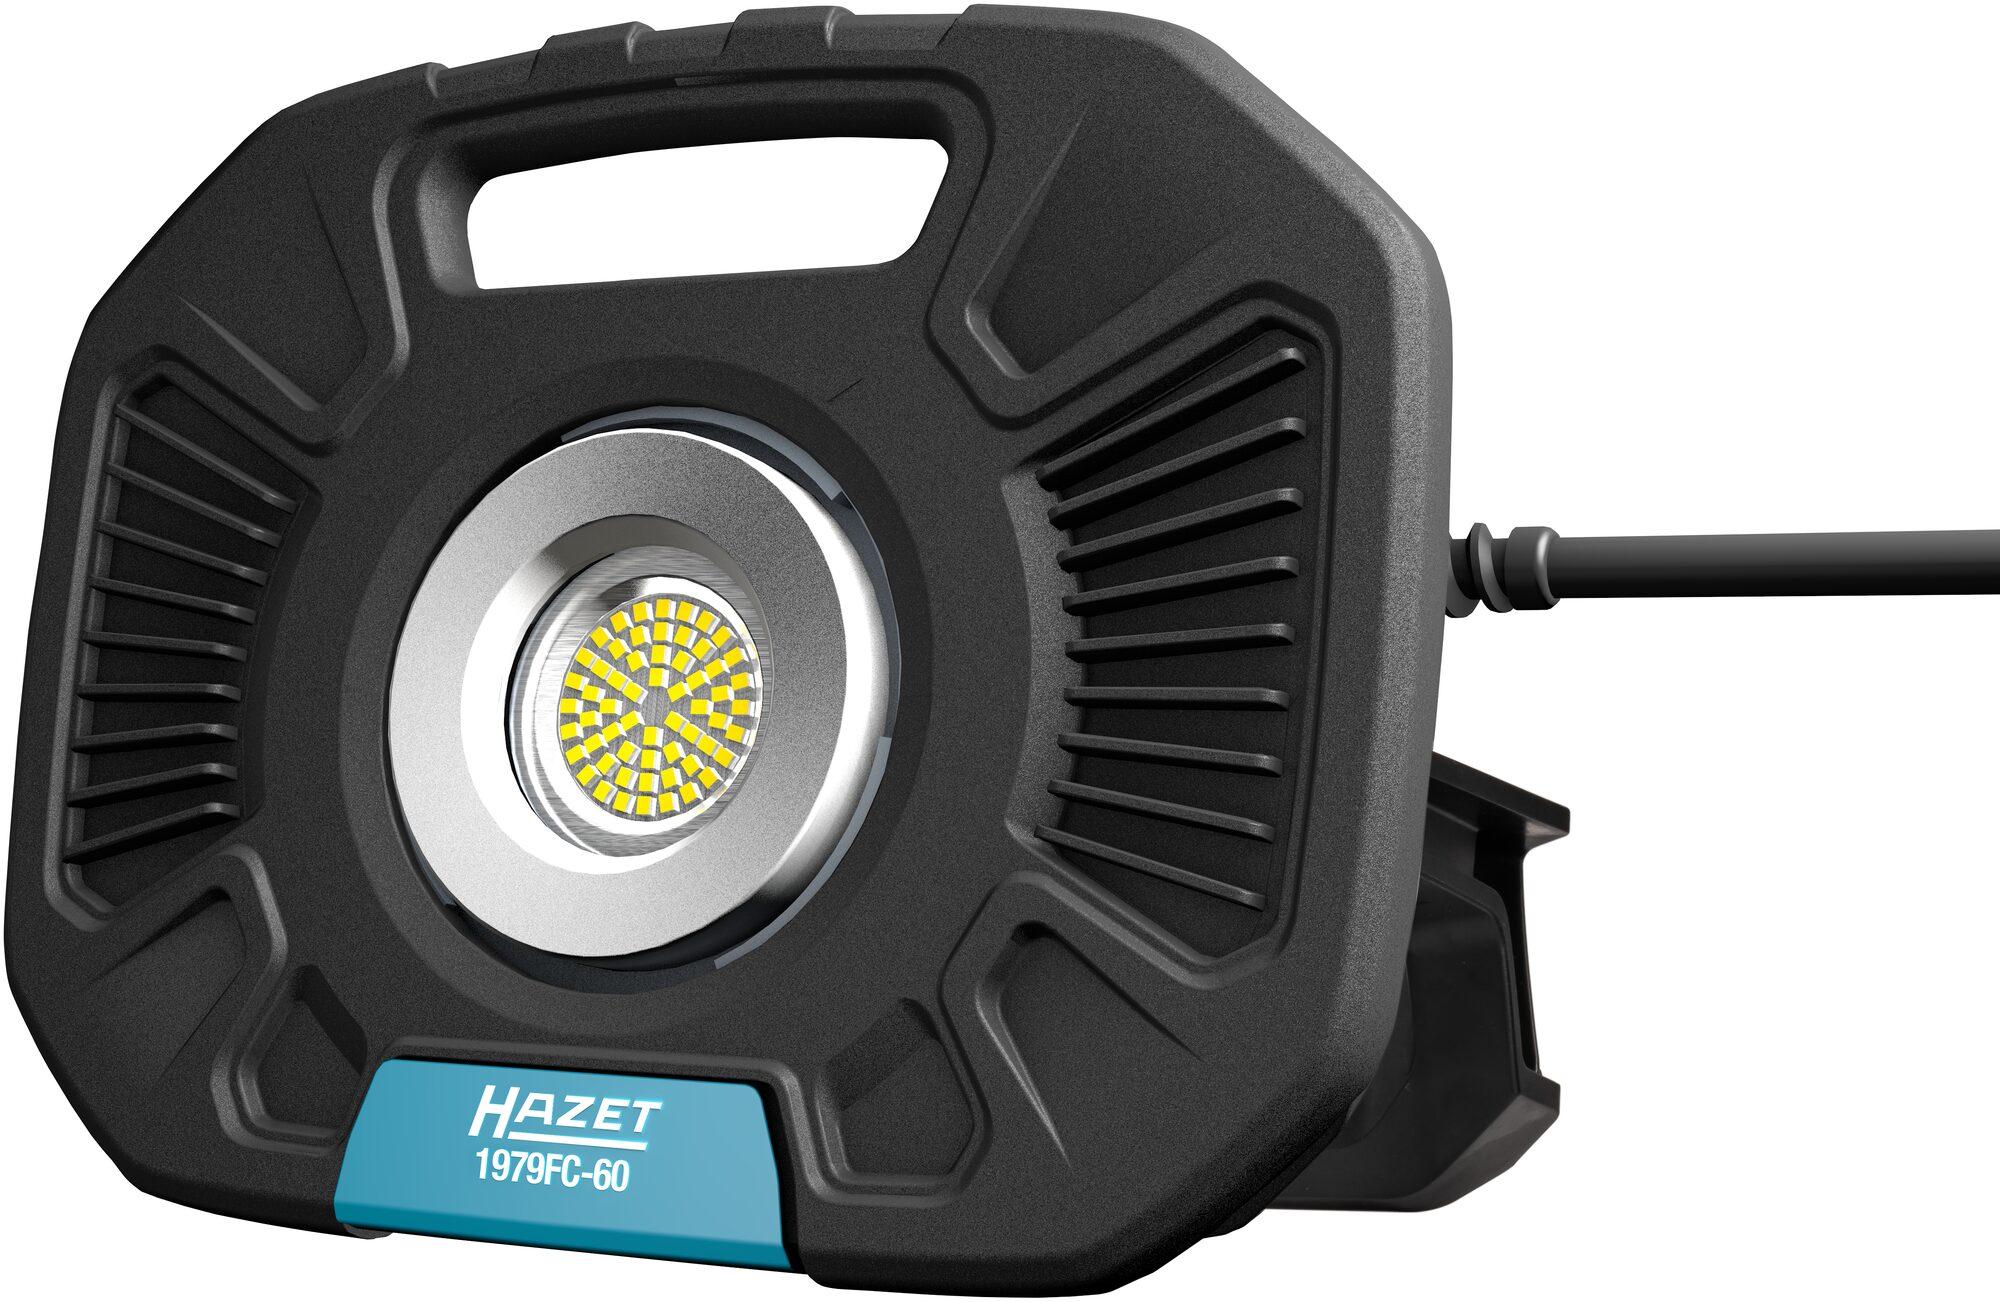 HAZET LED Arbeitsstrahler ∙ 60 Watt 1979FC-60